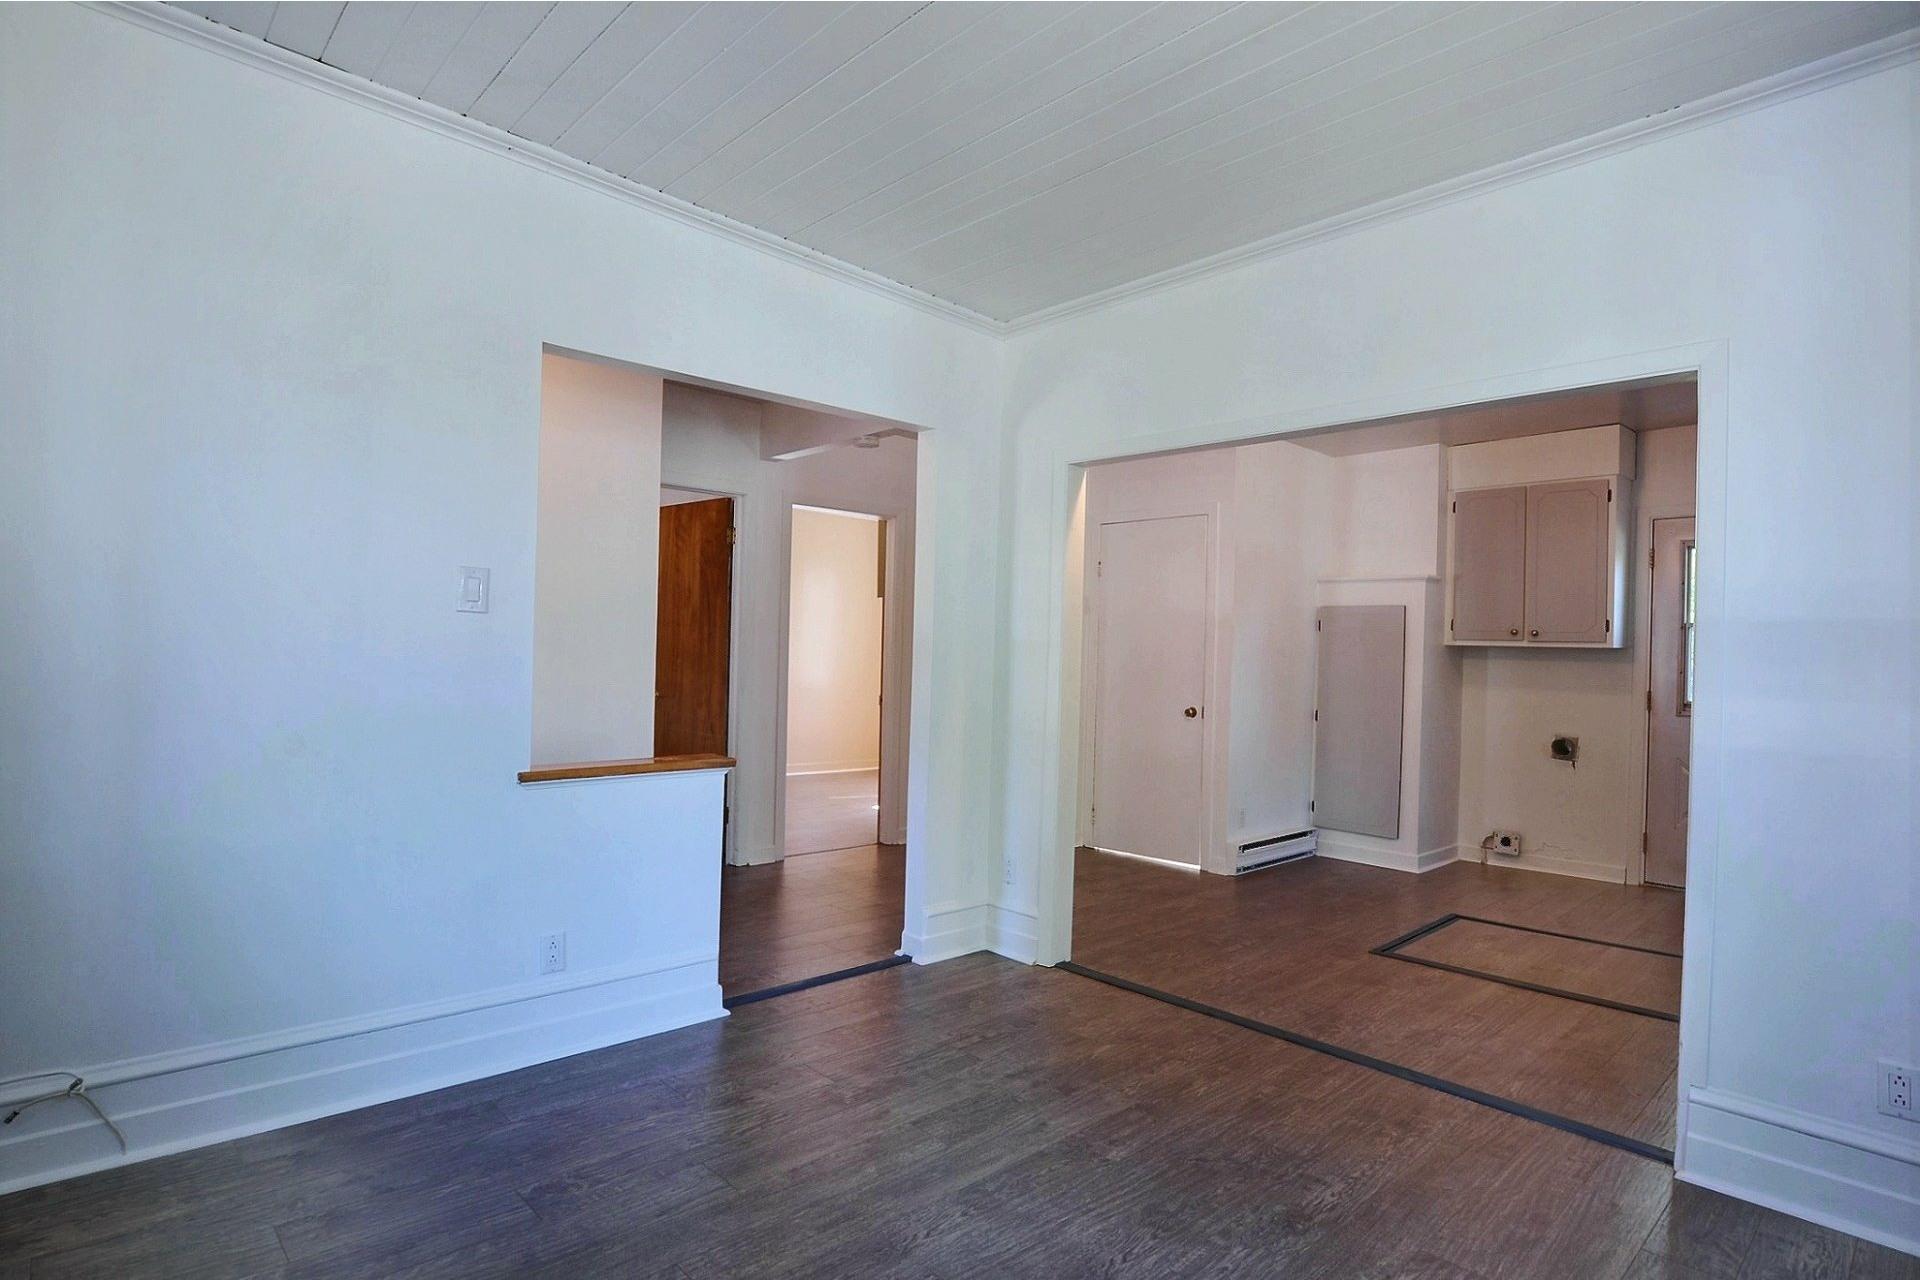 image 2 - Duplex For sale Sainte-Anne-des-Plaines - 4 rooms